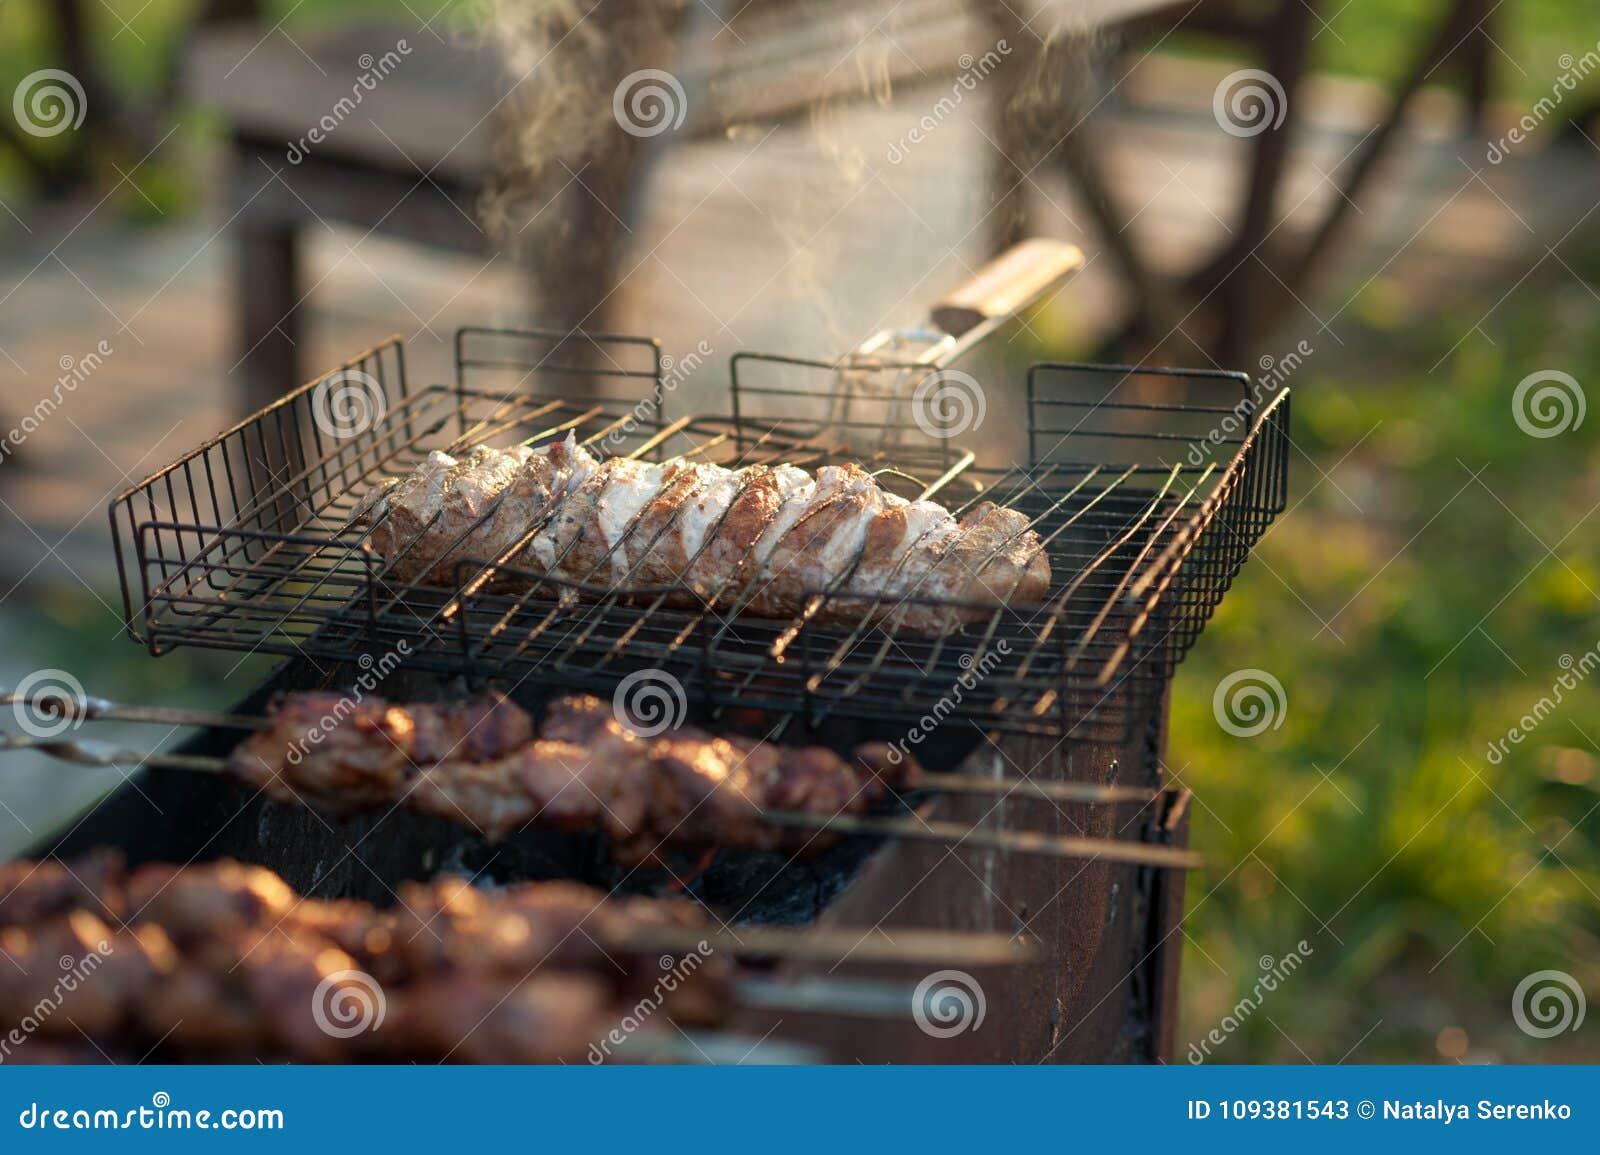 Kebab en la parrilla Shashlik adobado que se prepara en una parrilla de la barbacoa sobre el carbón de leña